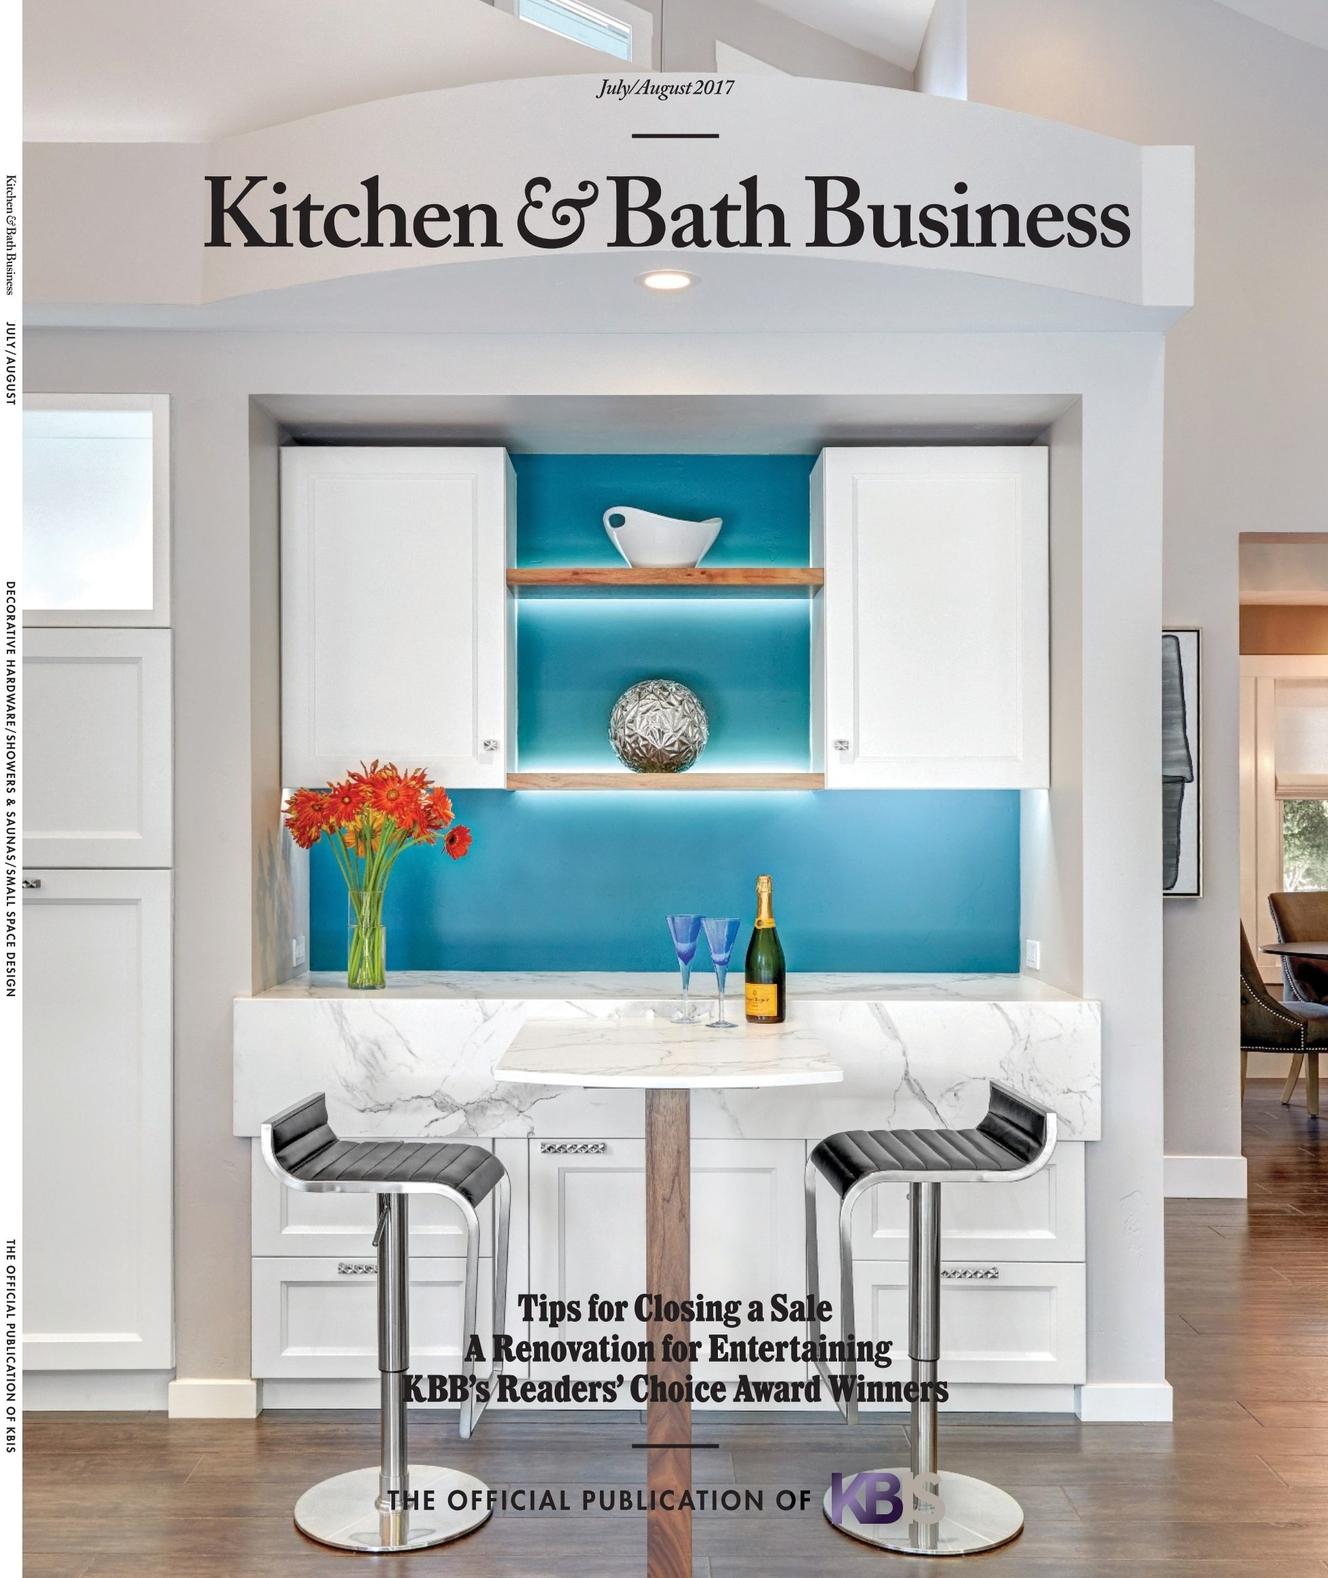 Kitchen & Bath Business - July/August 2017